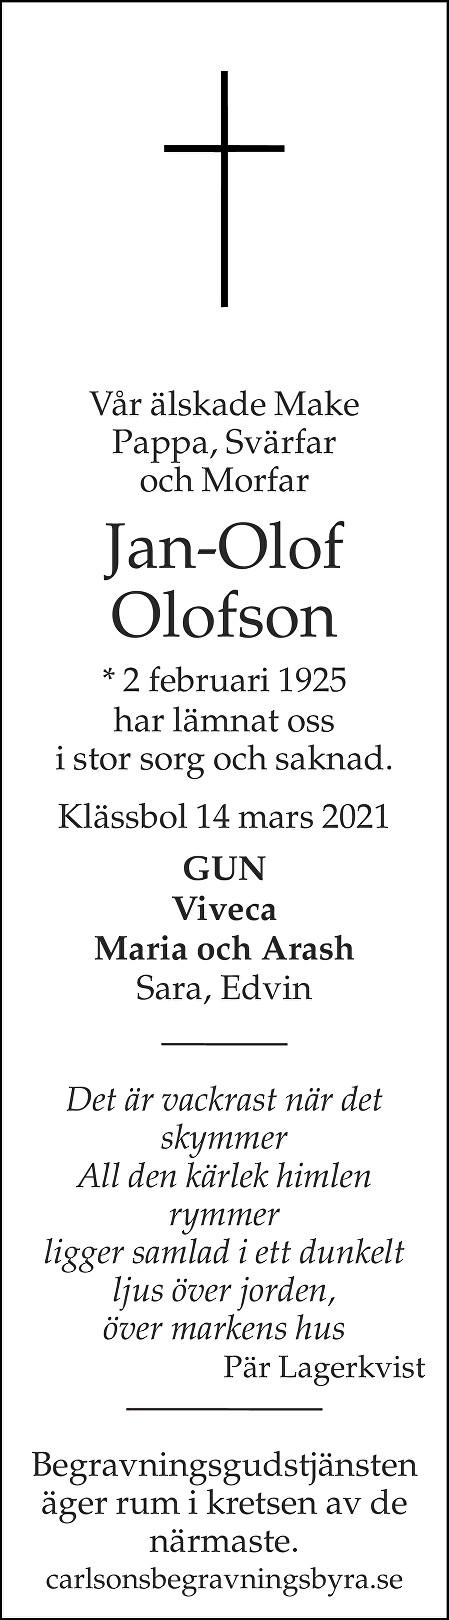 Jan-Olof Olofson Death notice